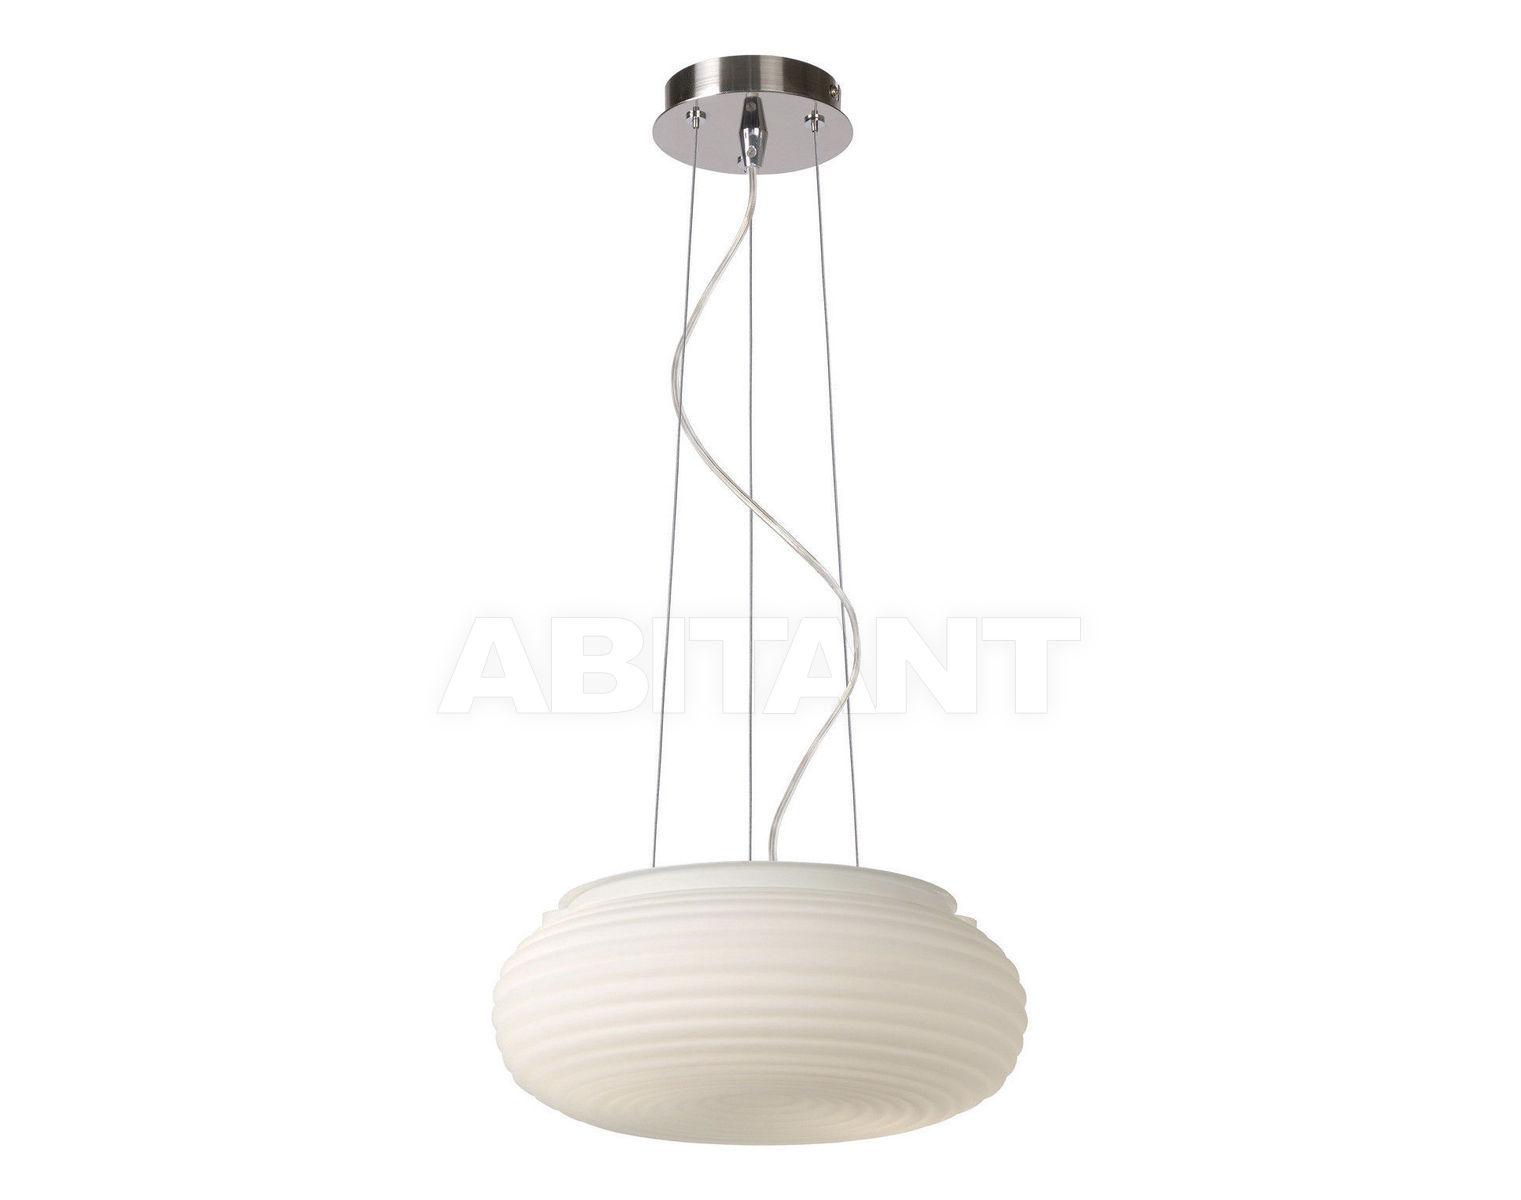 Купить Светильник RIBBI Lucide  Modern 31449/30/61